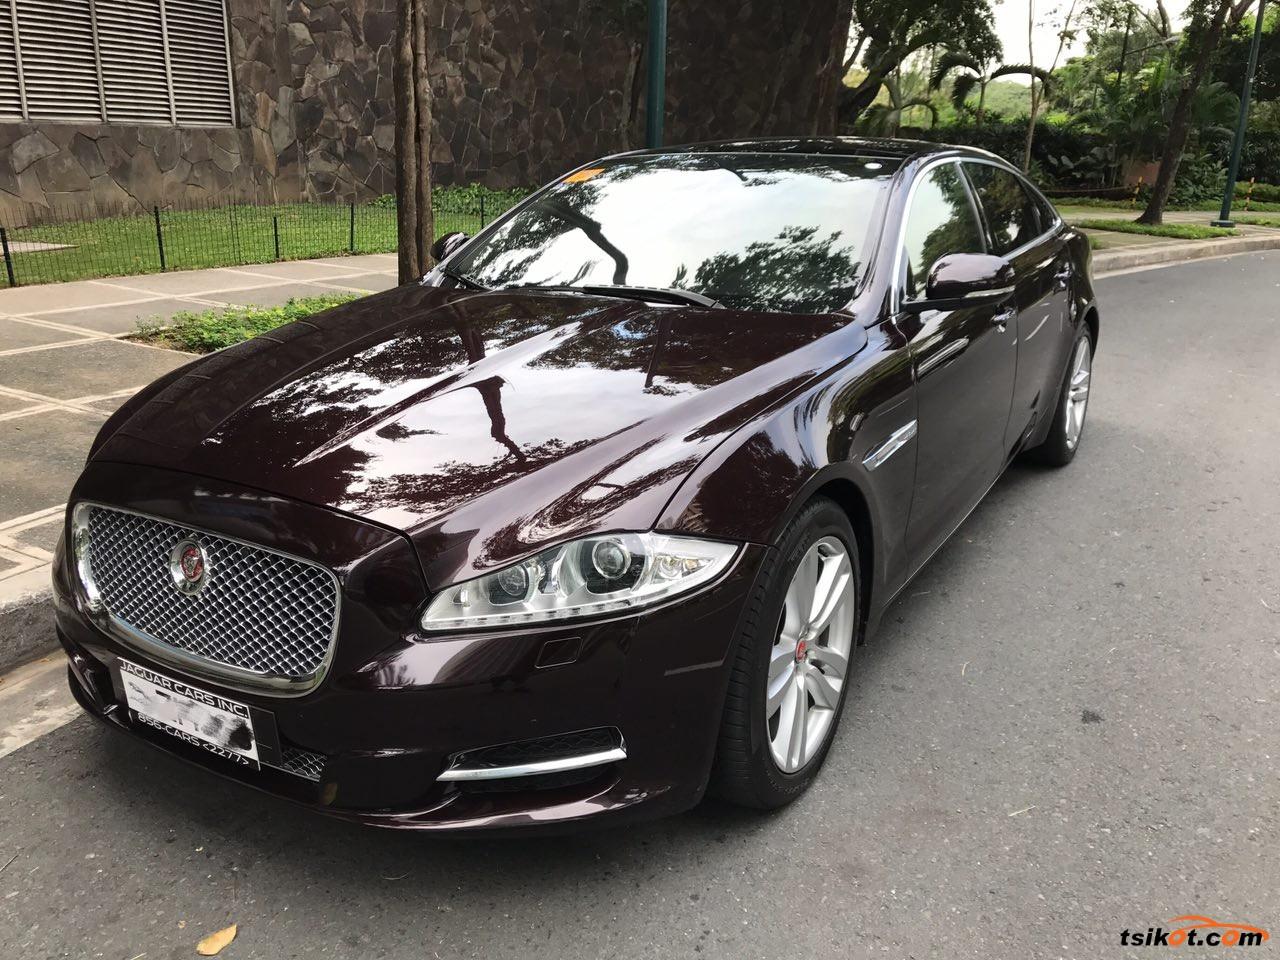 Jaguar Xj 2015 - 1